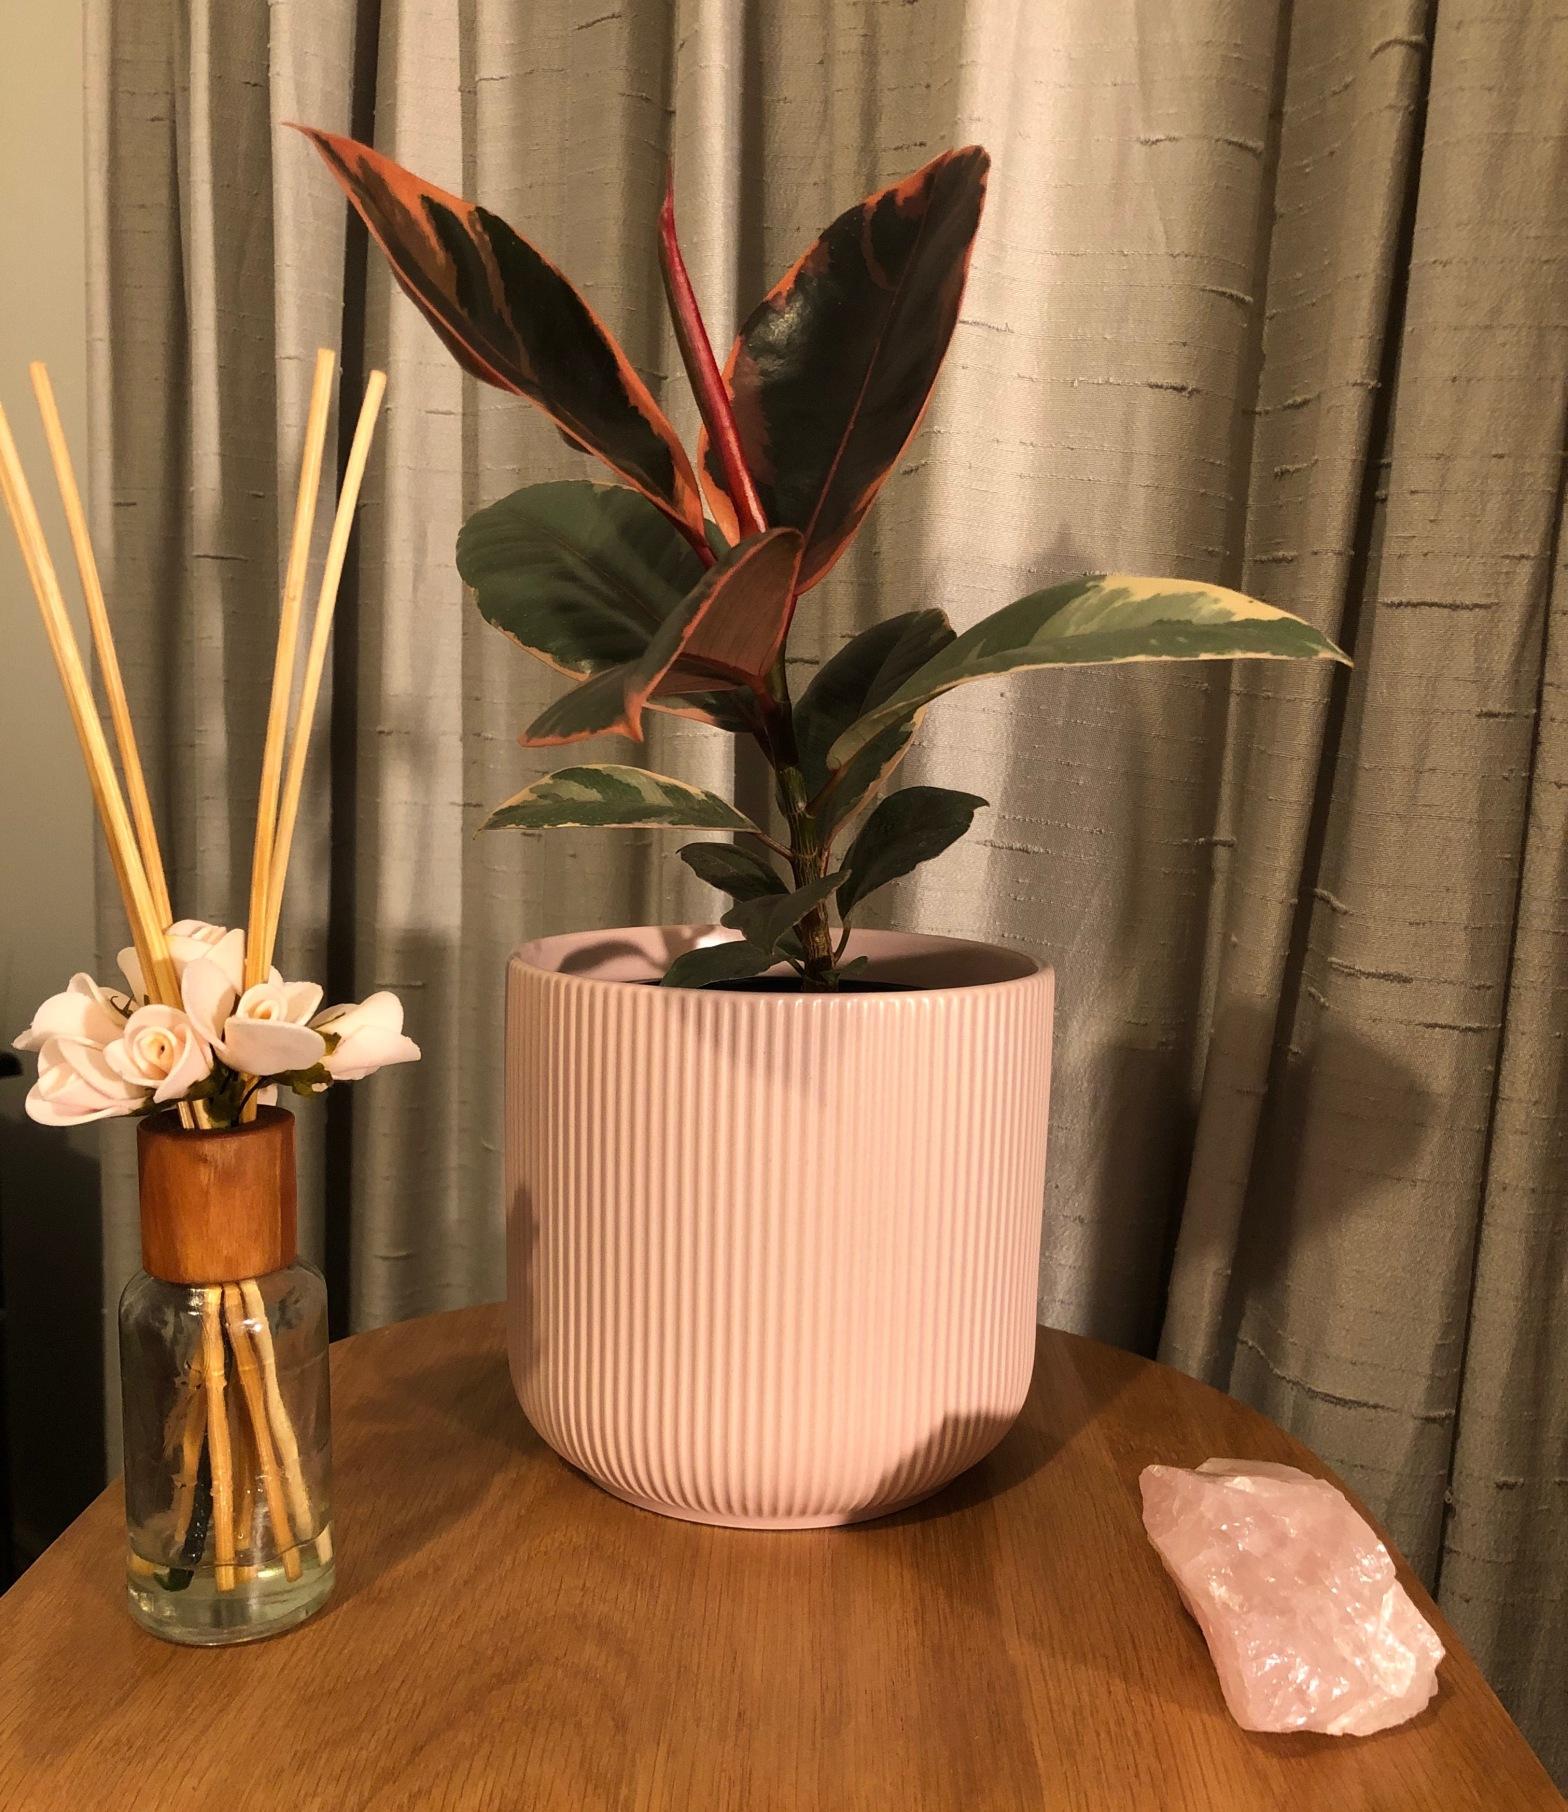 Ficus elastica Ruby rose quartz reed diffuser